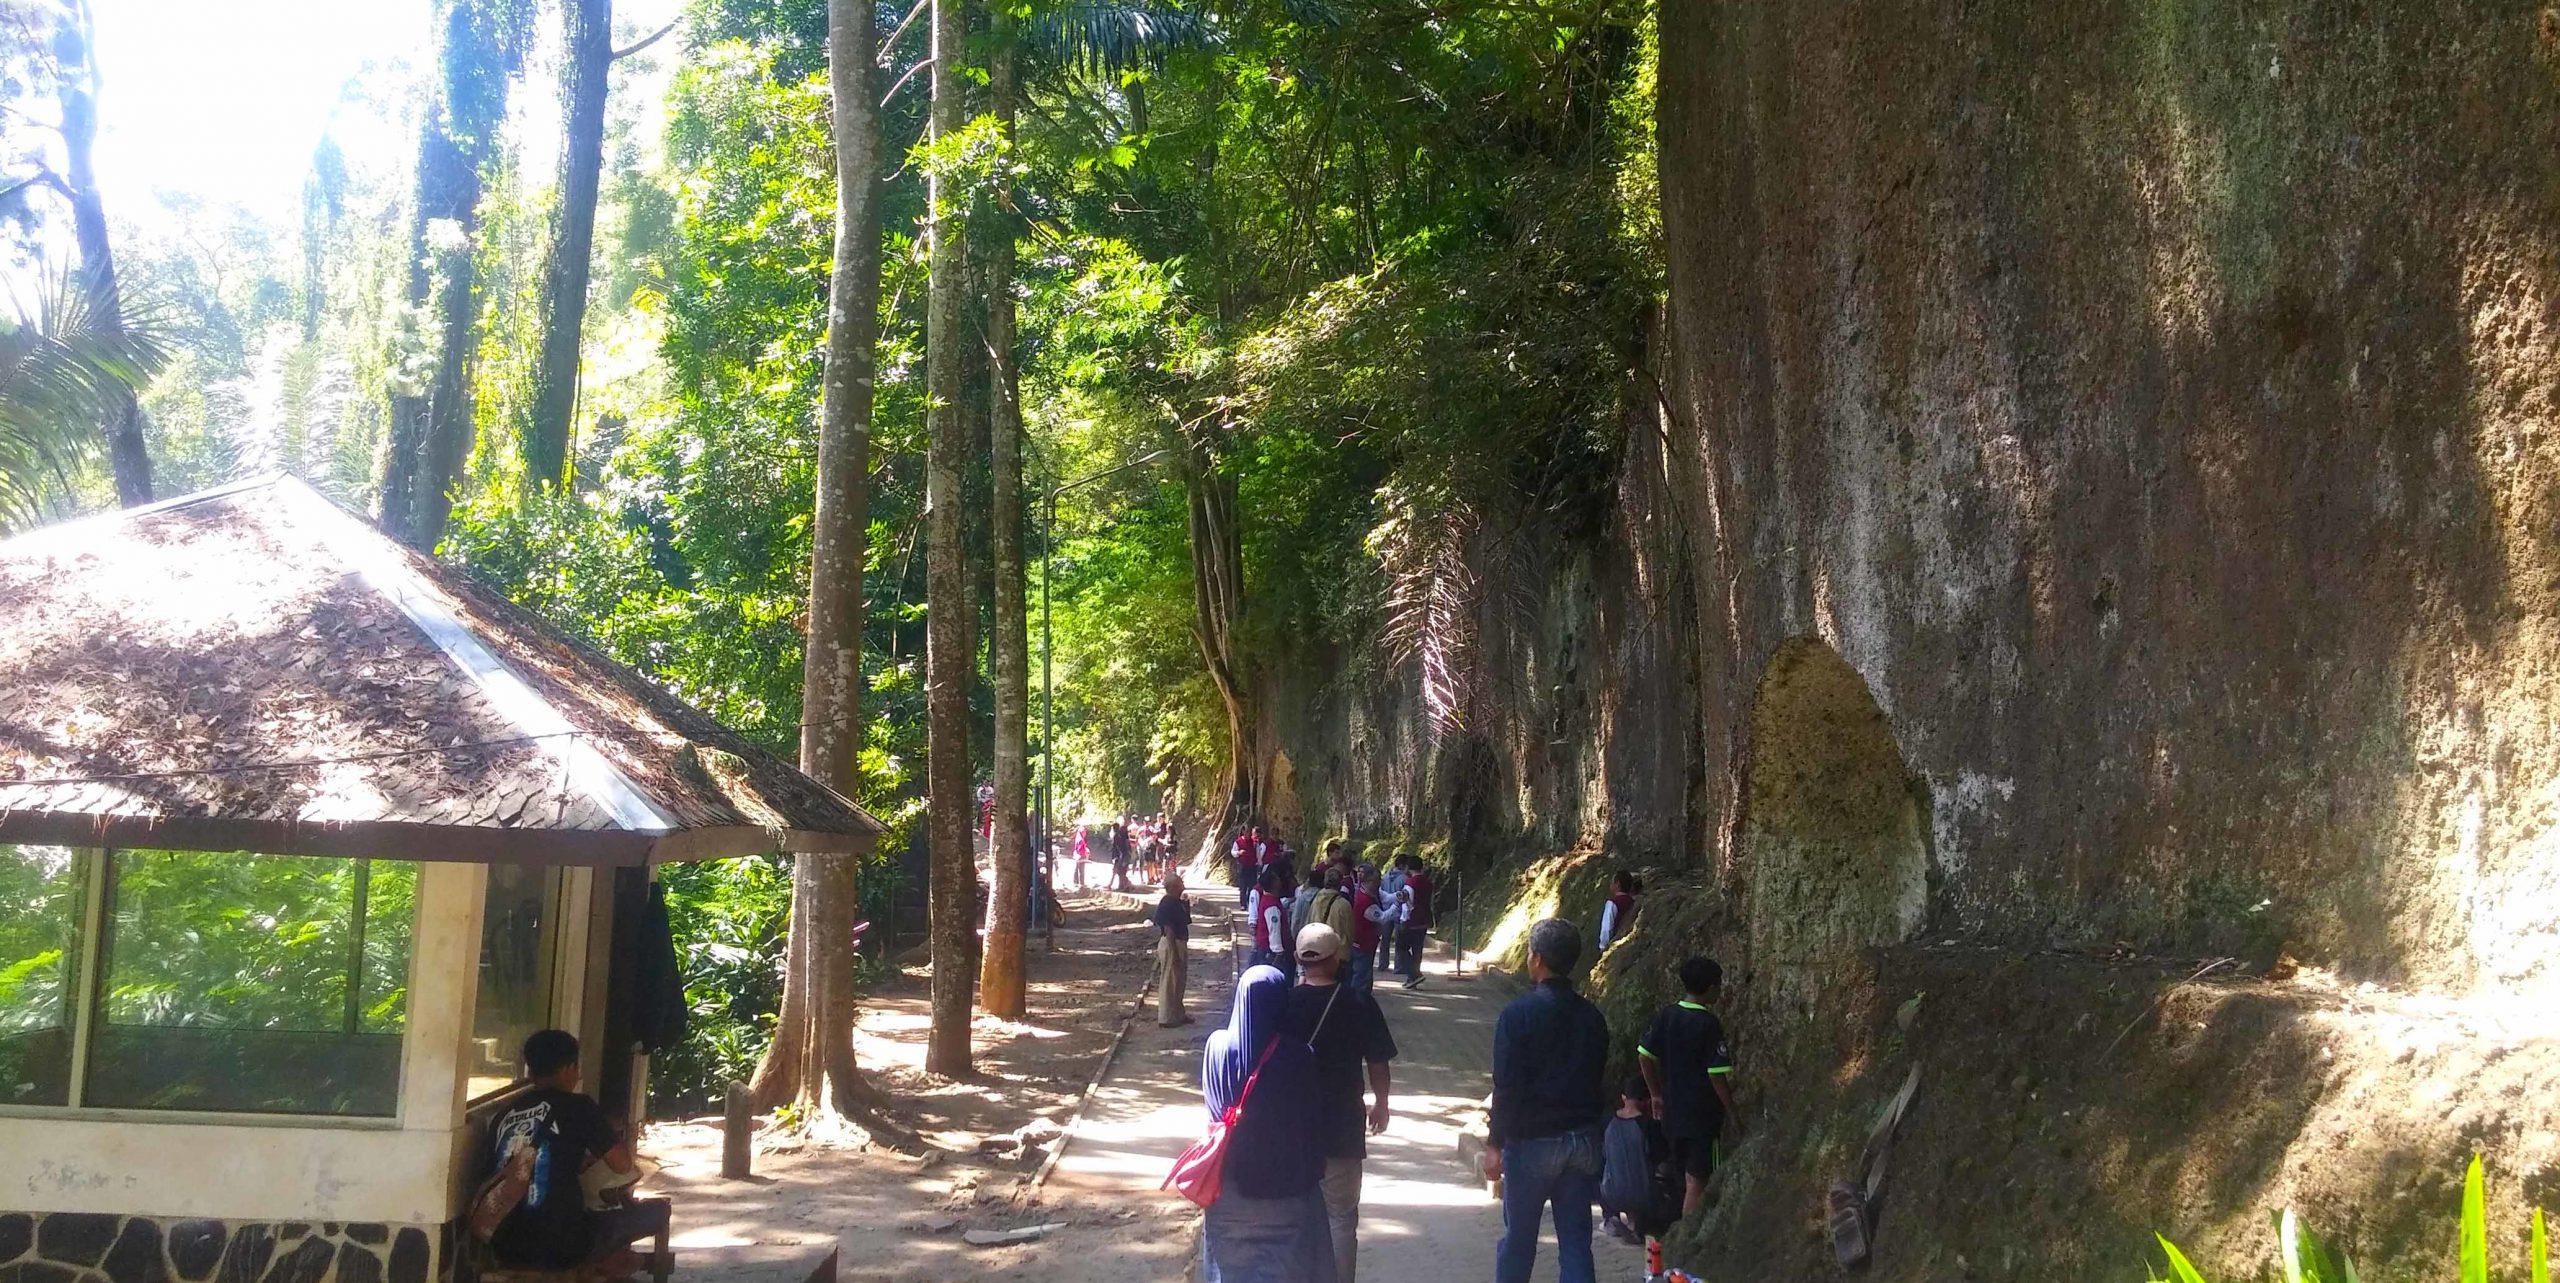 wisata taman hutan raya 1